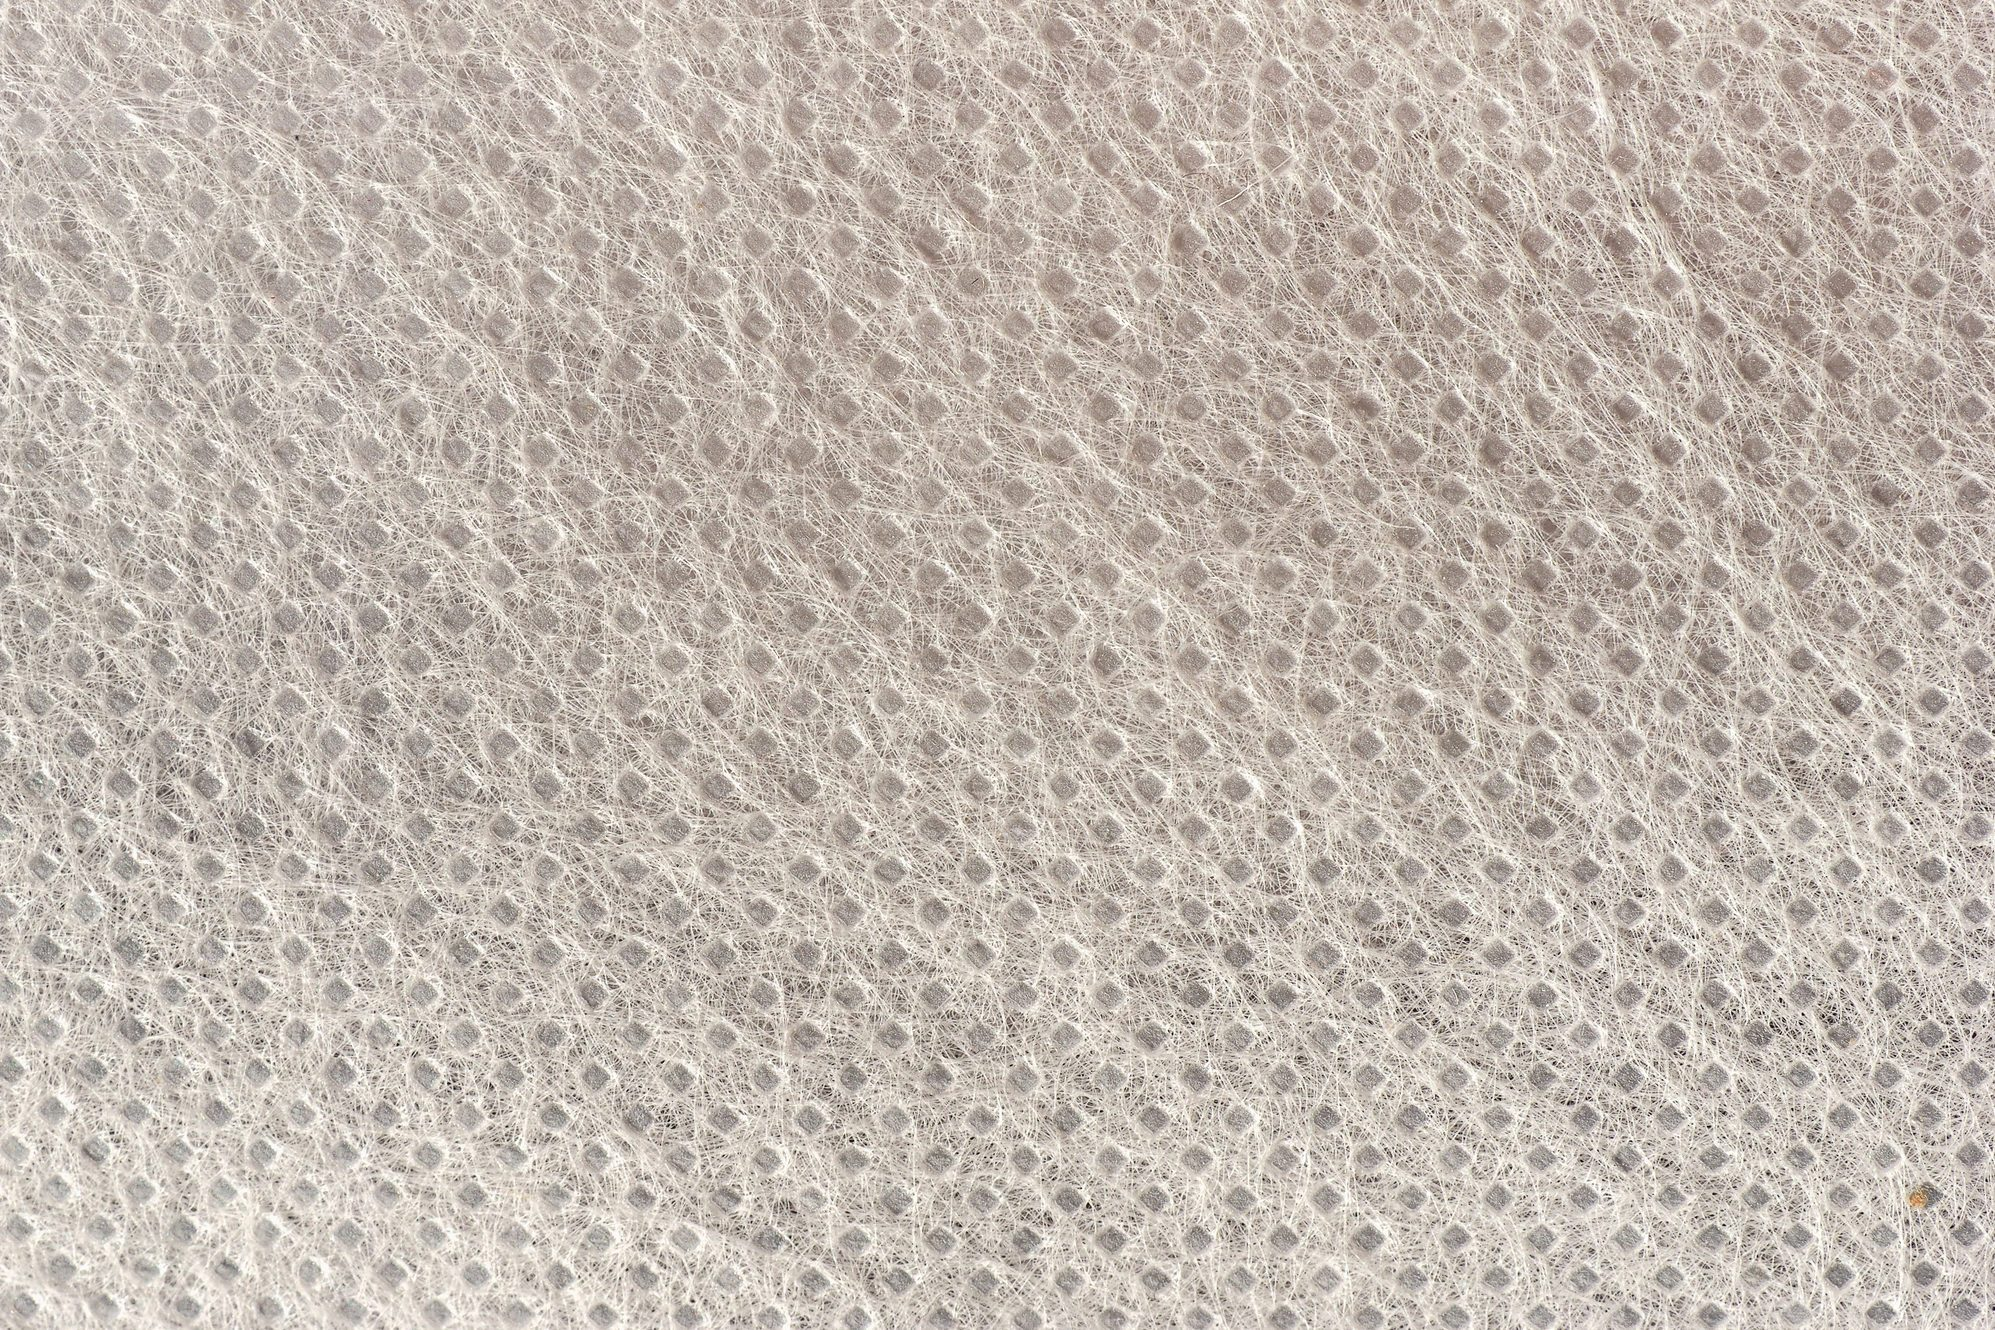 polypropylene fabric texture close up